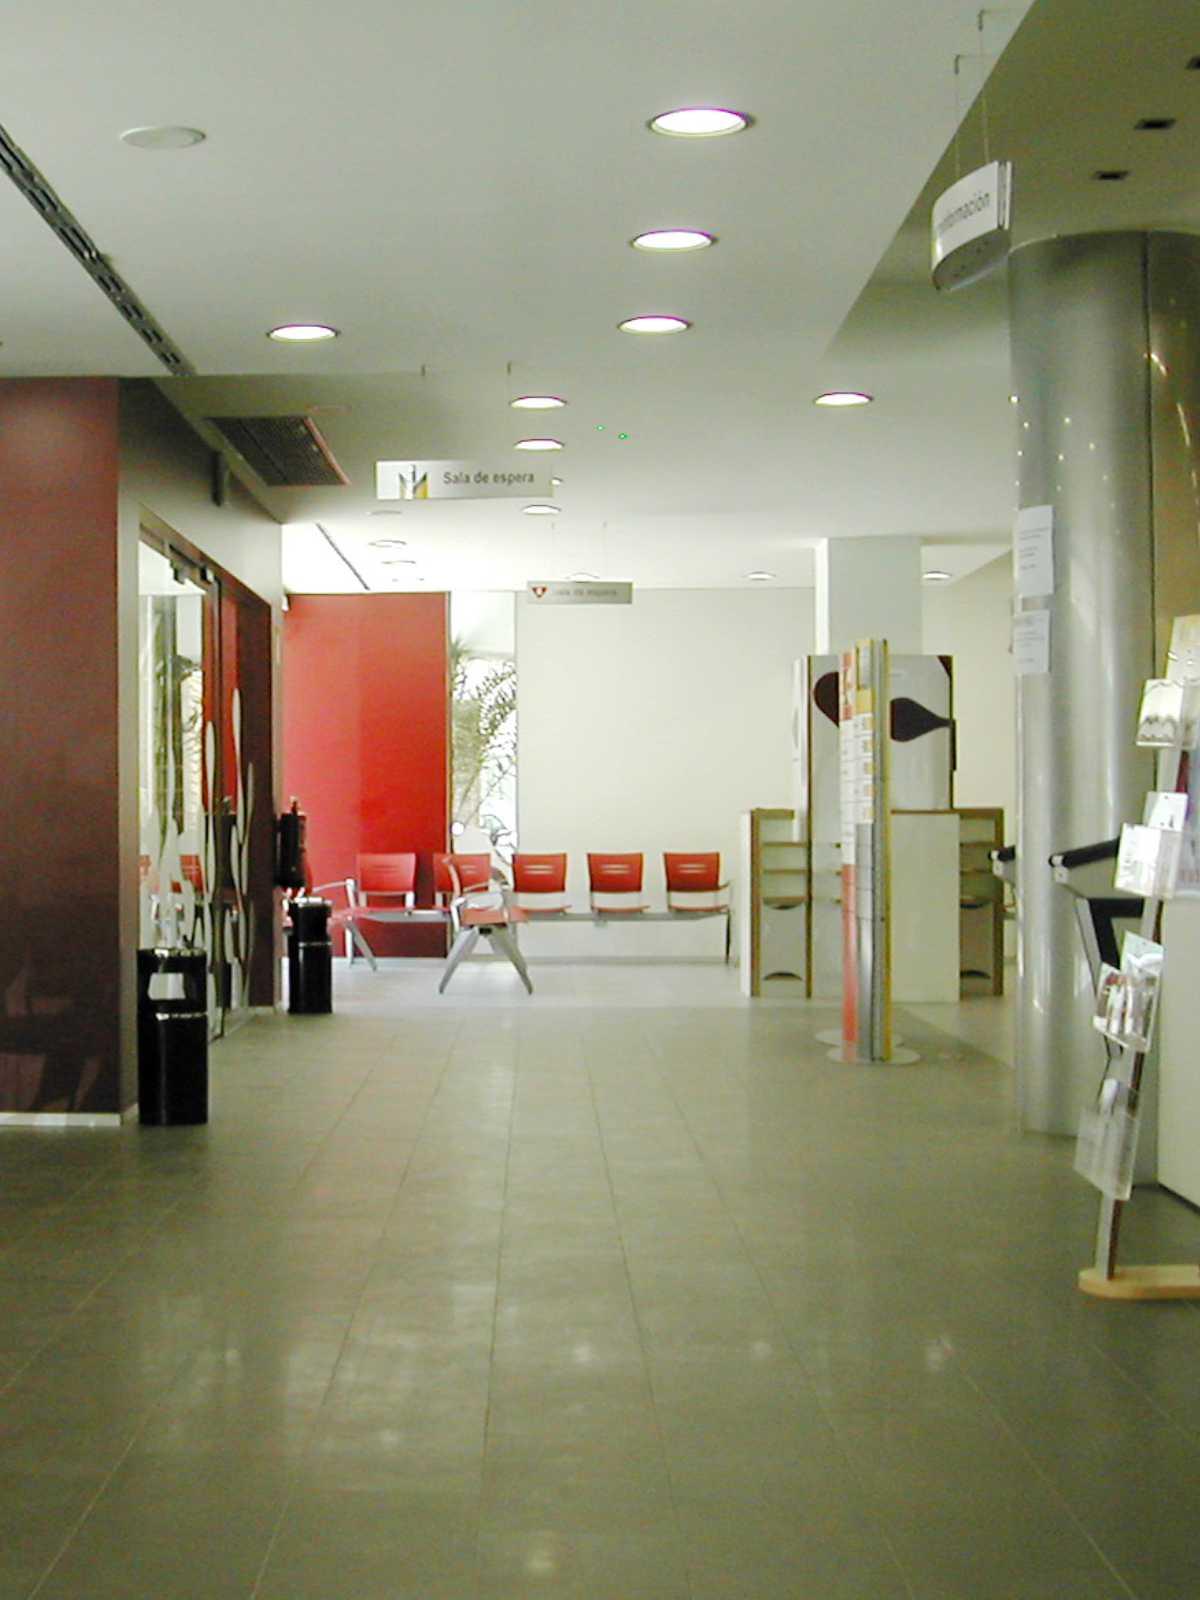 El desarrollo del diseño integral para la imagen del Servicio Navarro de Empleo supuso un trabajo de colaboración interdisciplinar que abarca desde el interiorismo y el diseño del mobiliario hasta el grafismo y la rotulación.